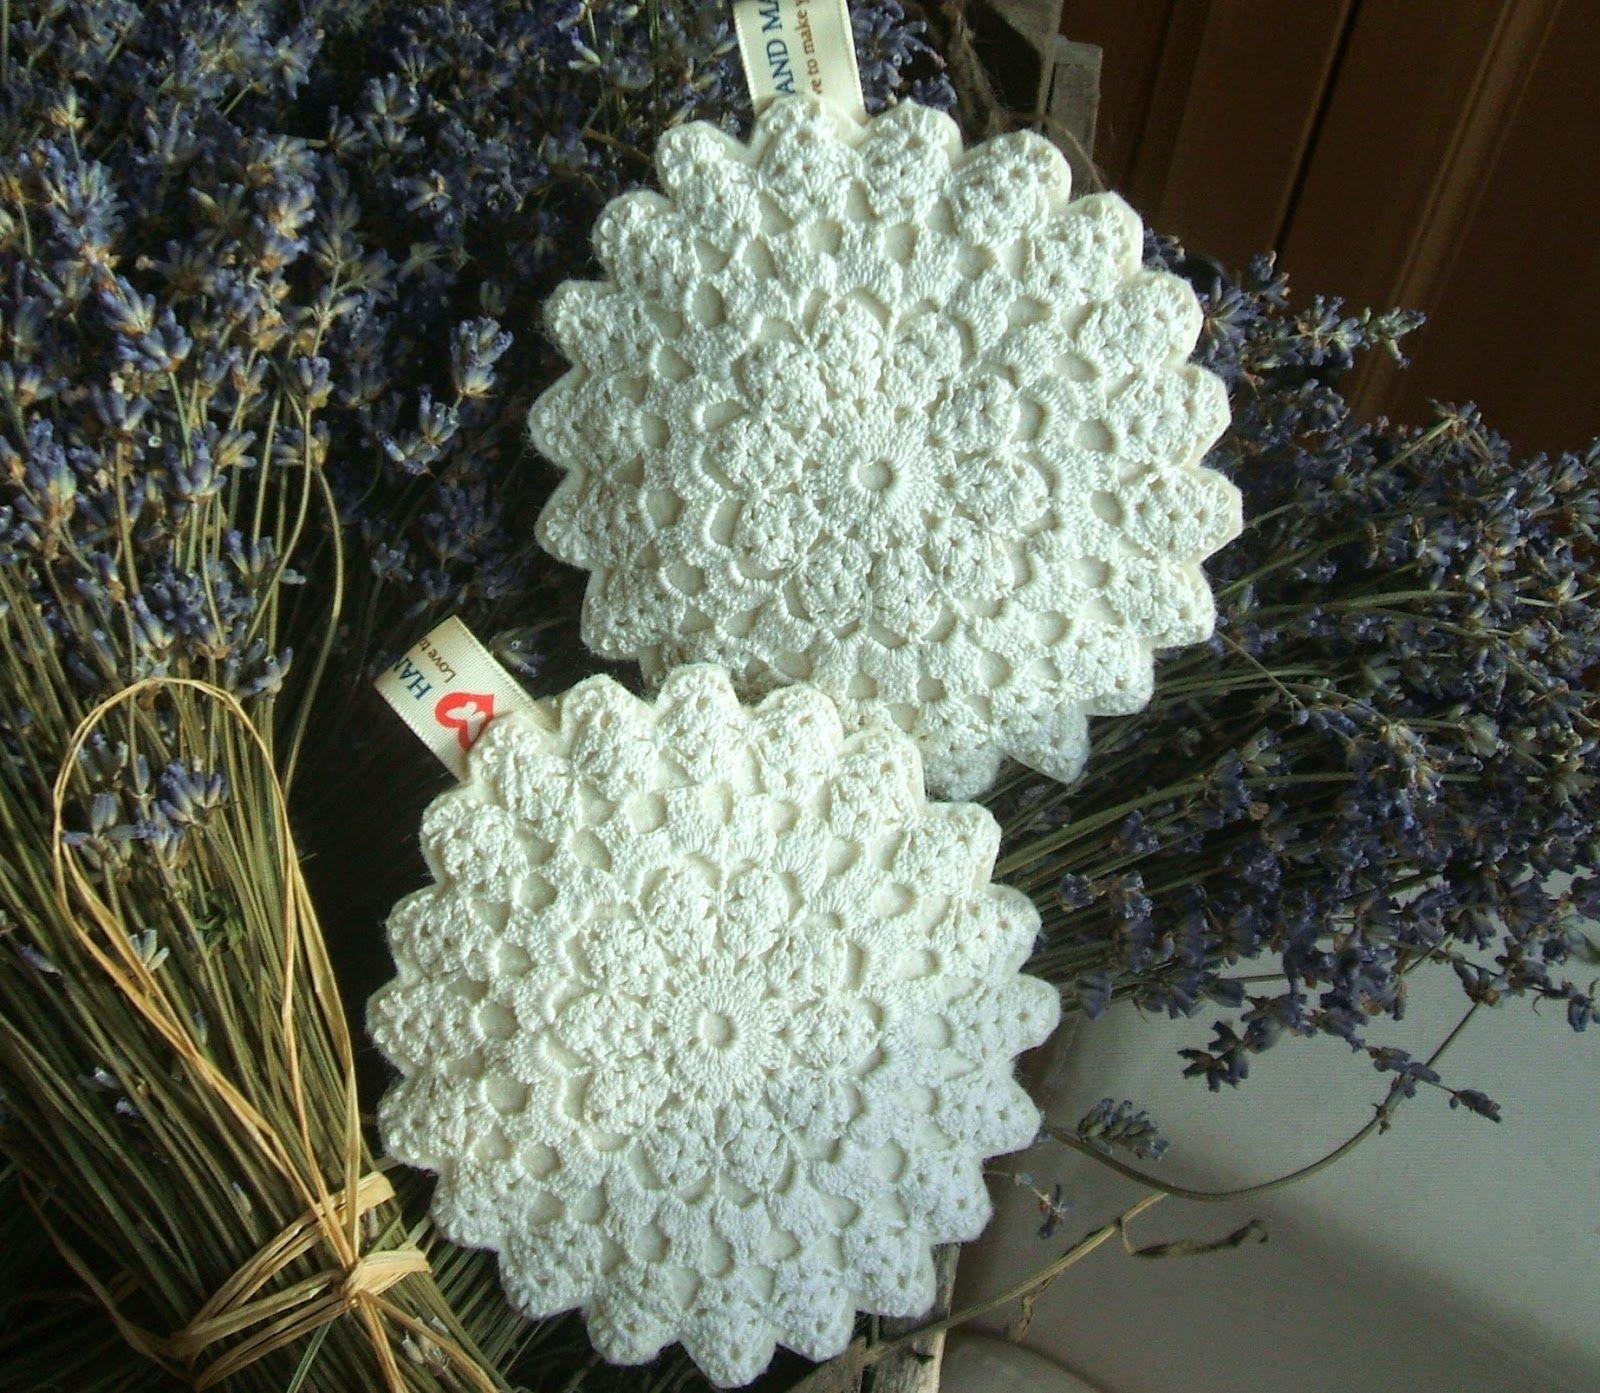 Lavander pillows with antique lace